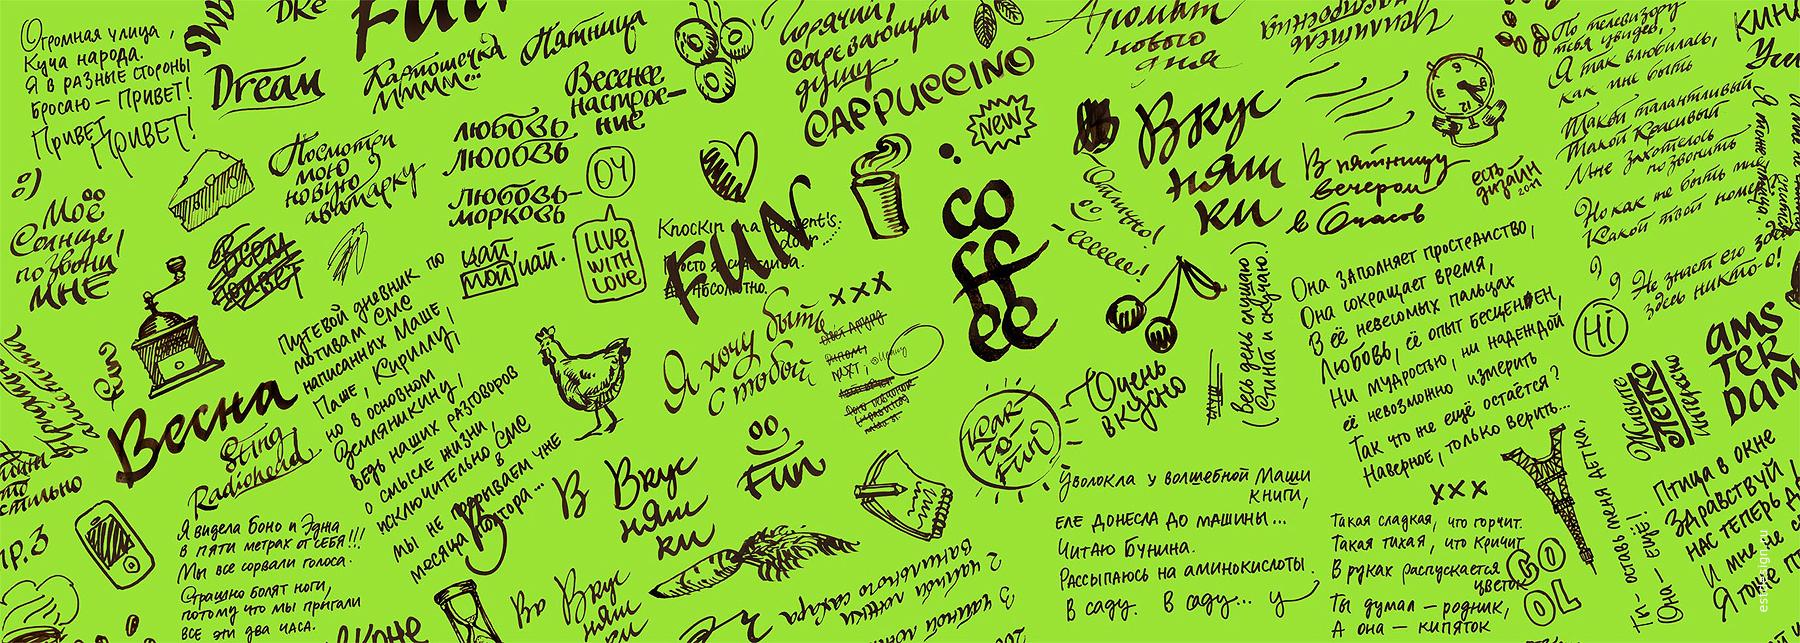 Узор каллиграфические кадписи